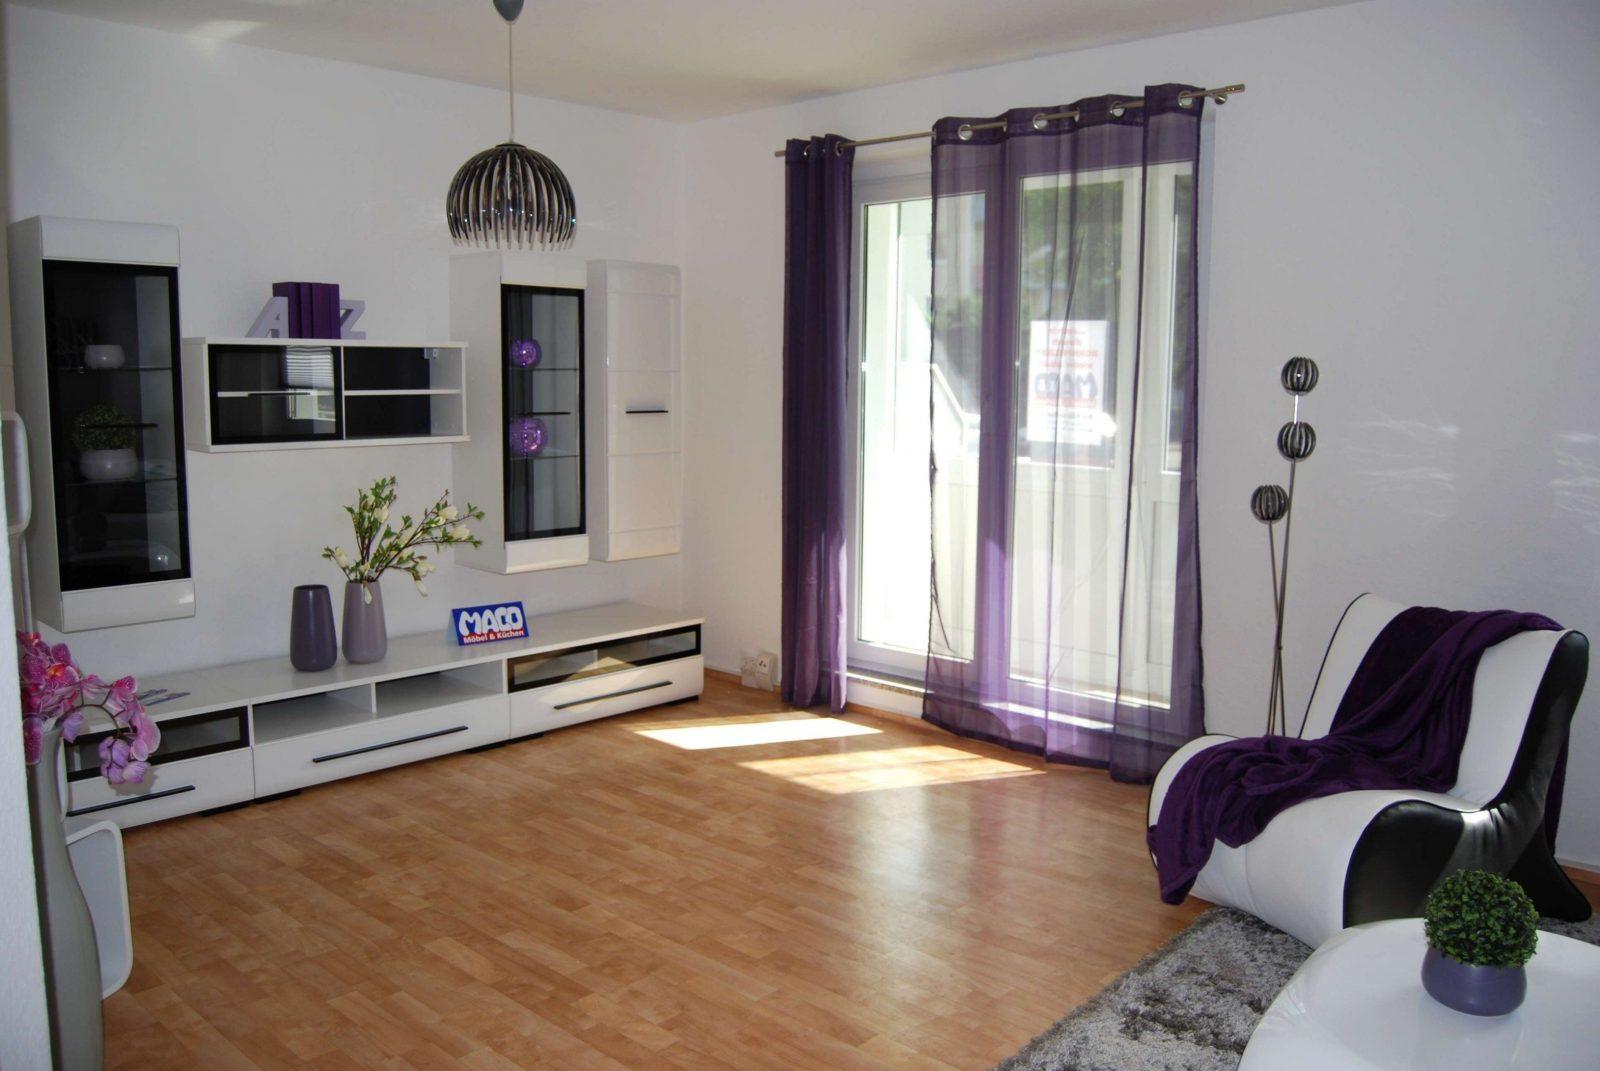 1 Zimmer Wohnung Einrichten Ikea  Home Ideen von 1 Zimmer Wohnung Einrichten Ikea Bild